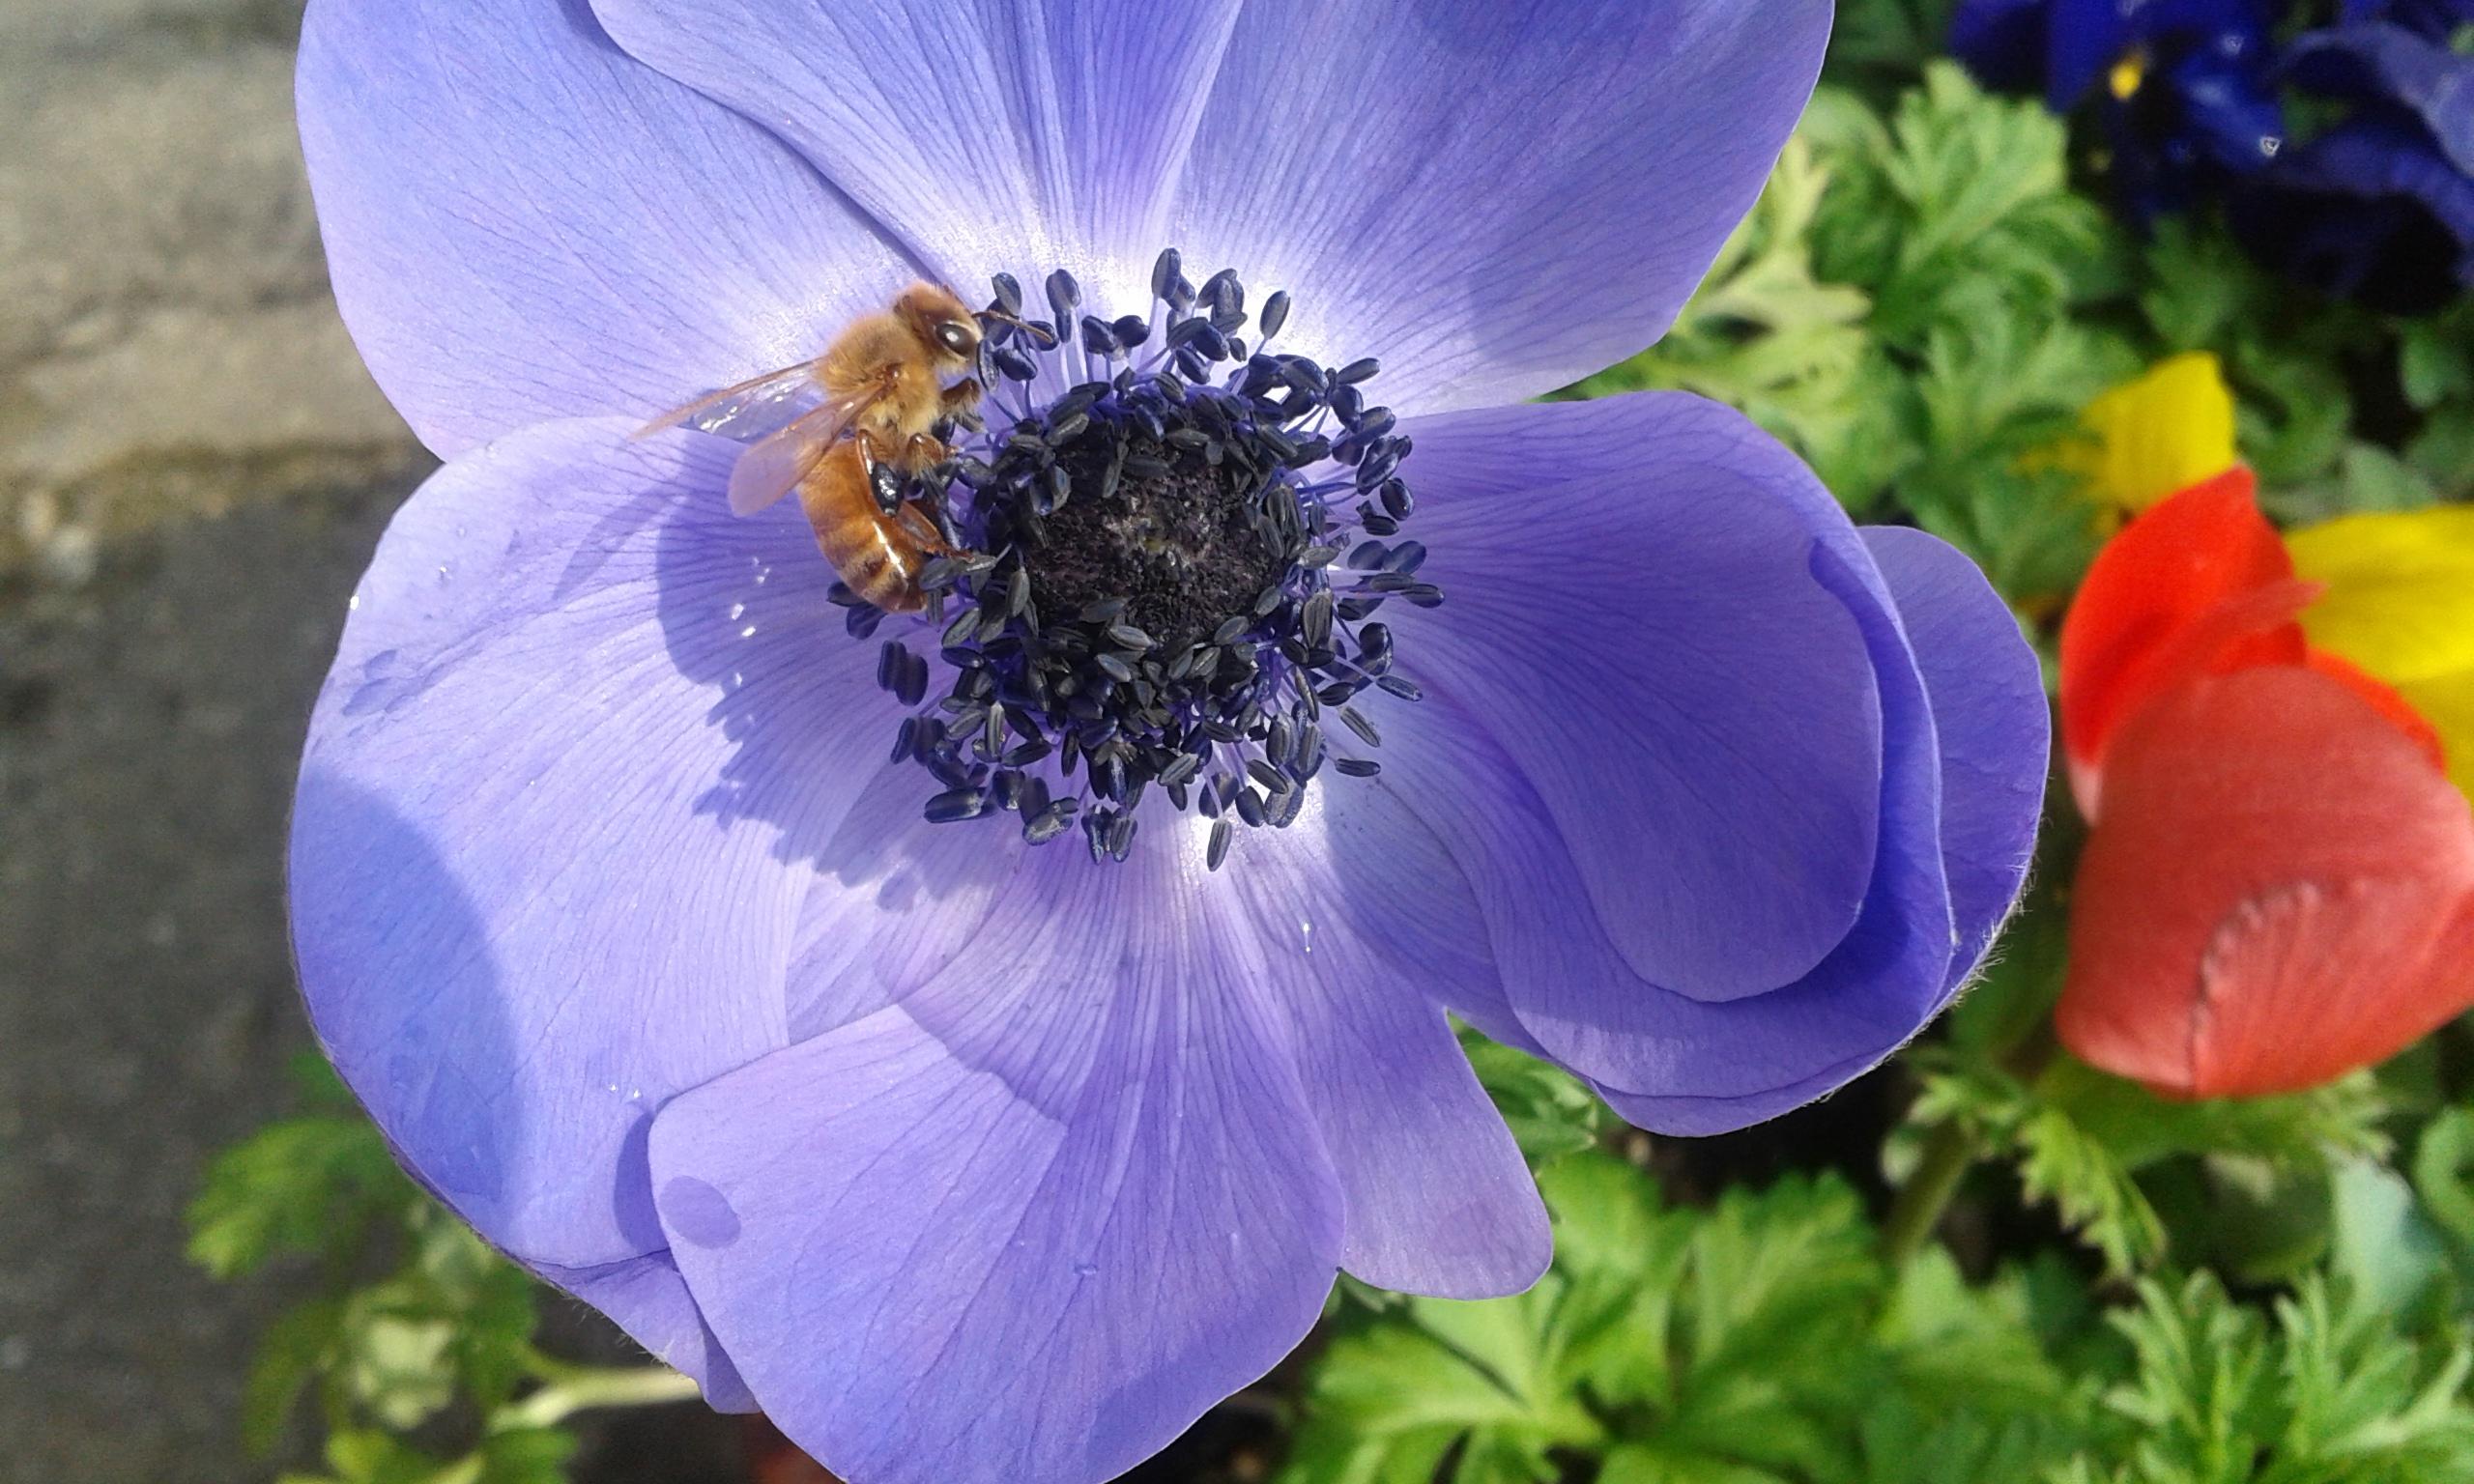 Scoprire gli insetti ed altri piccoli invertebrati - Minicorso al Parco Fluviale del Taro